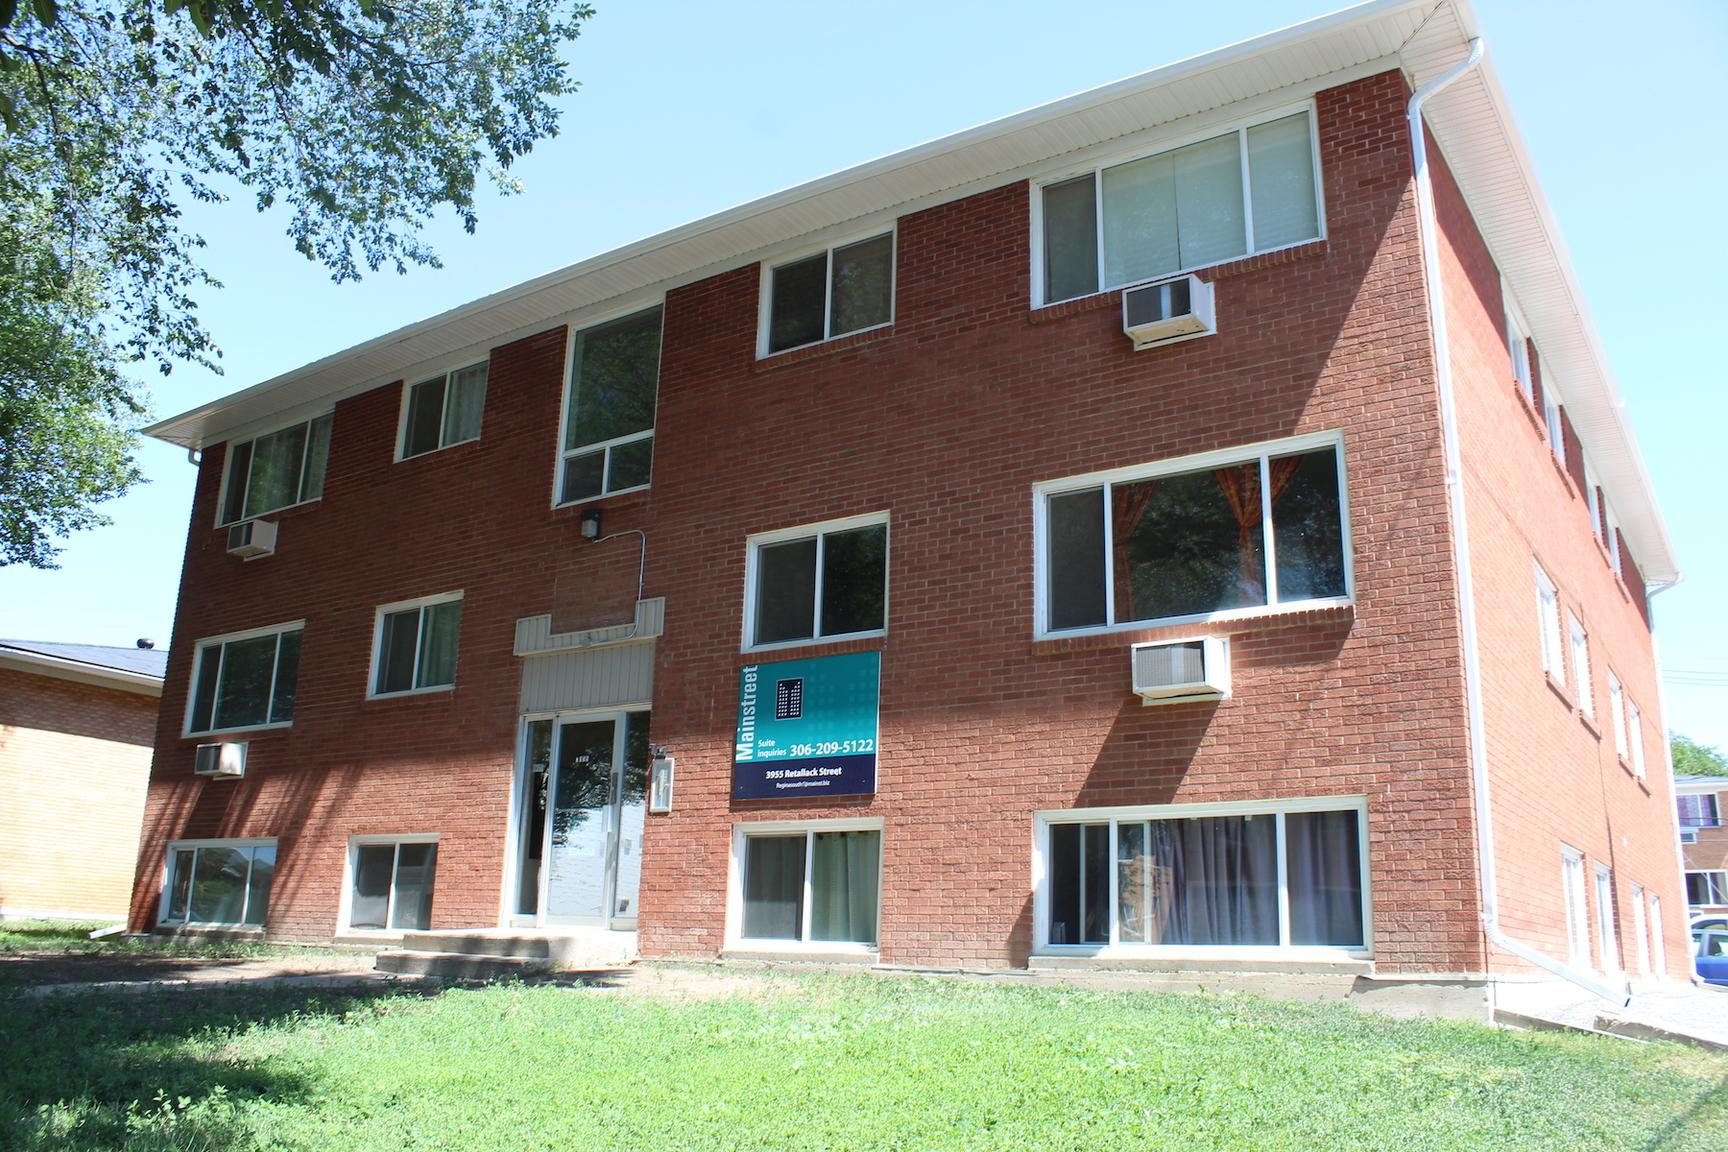 3955 Retallack Street, Regina, SK - $854